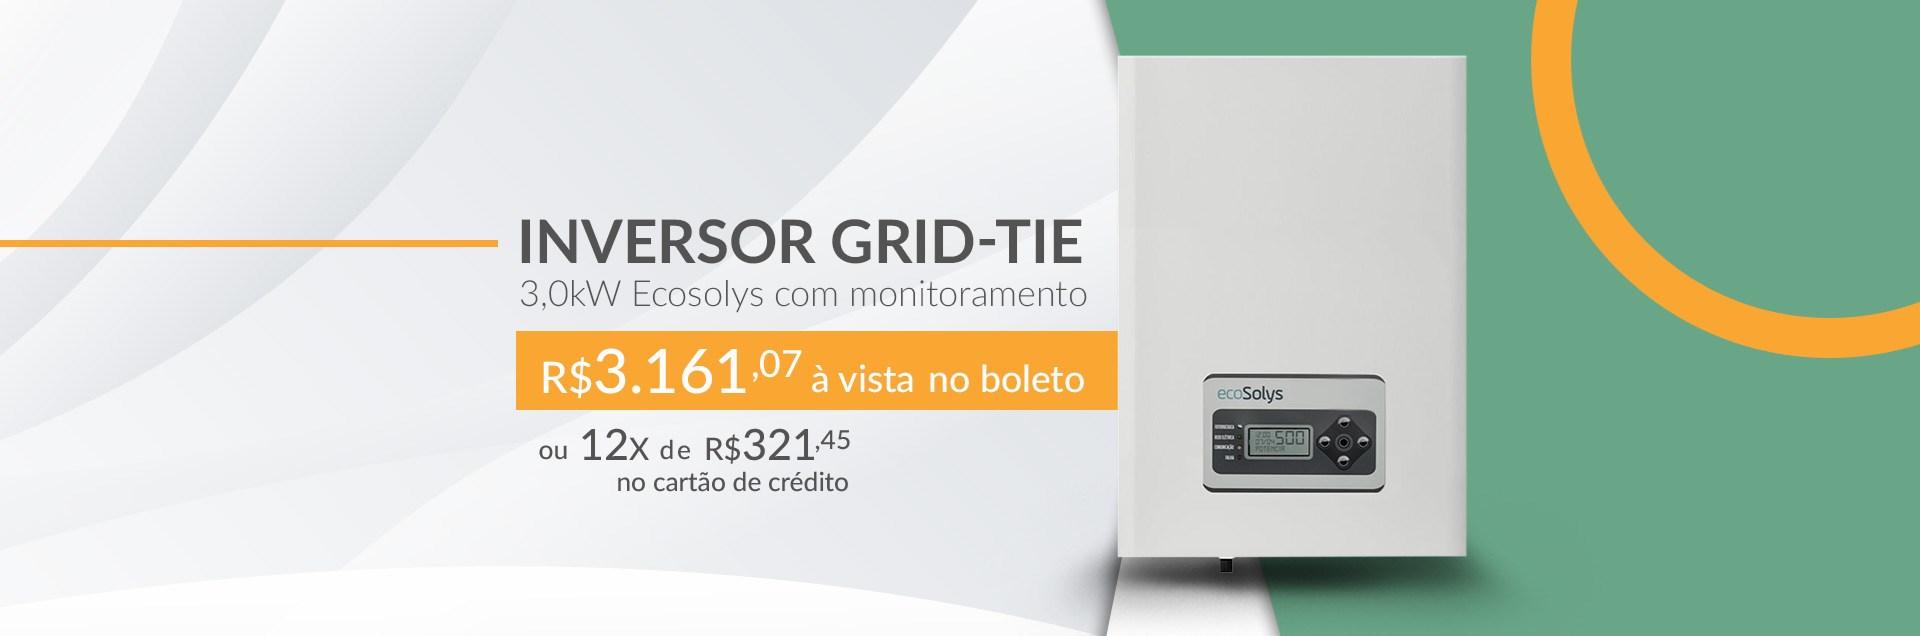 Inversor Grid-Tie 3,0kW Ecosolys com Monitoramento